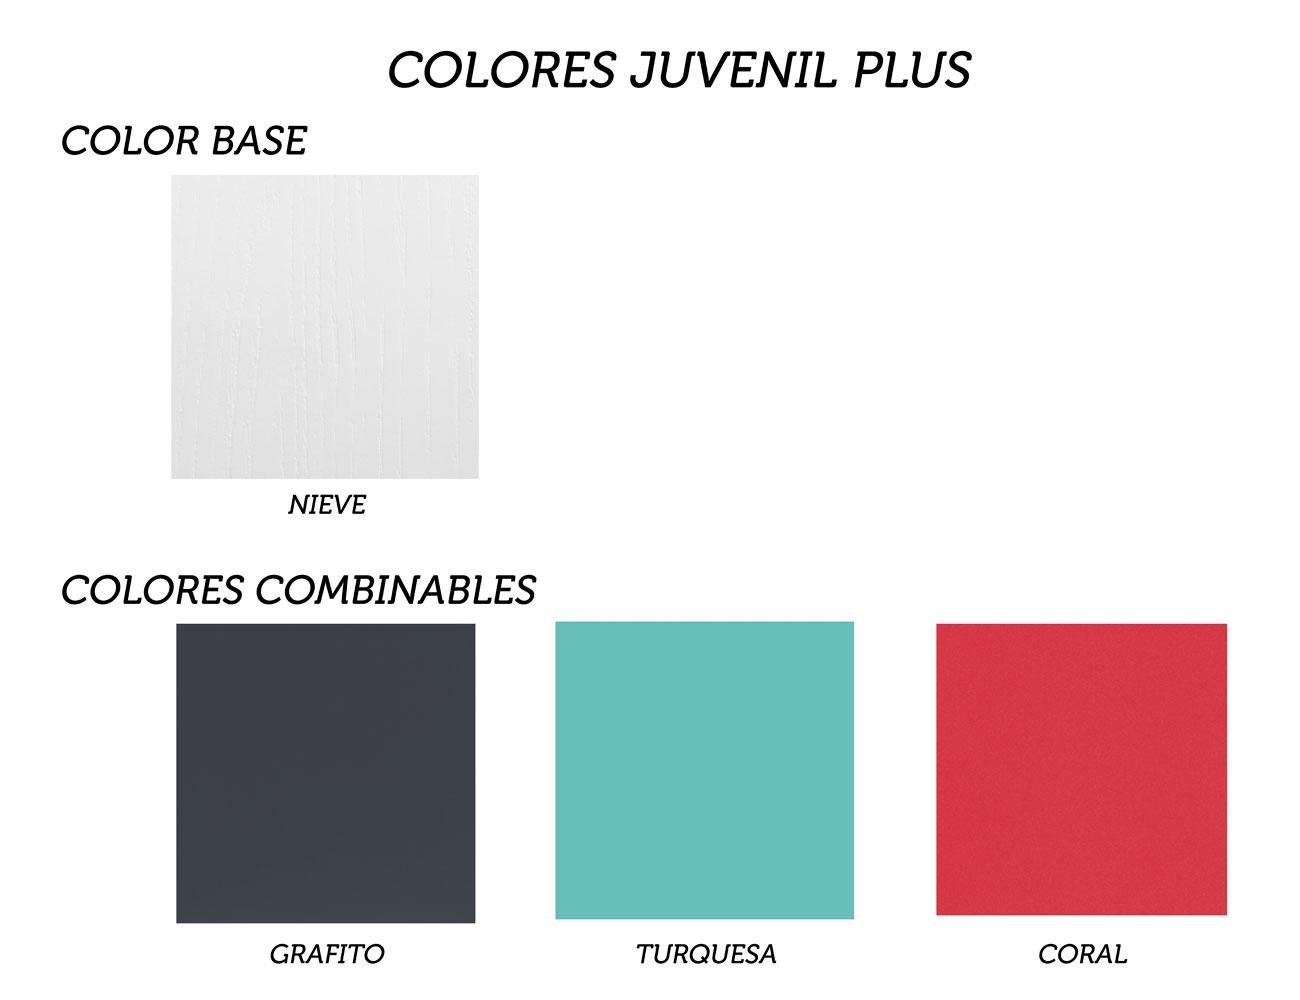 Colores dormitorios juveniles4